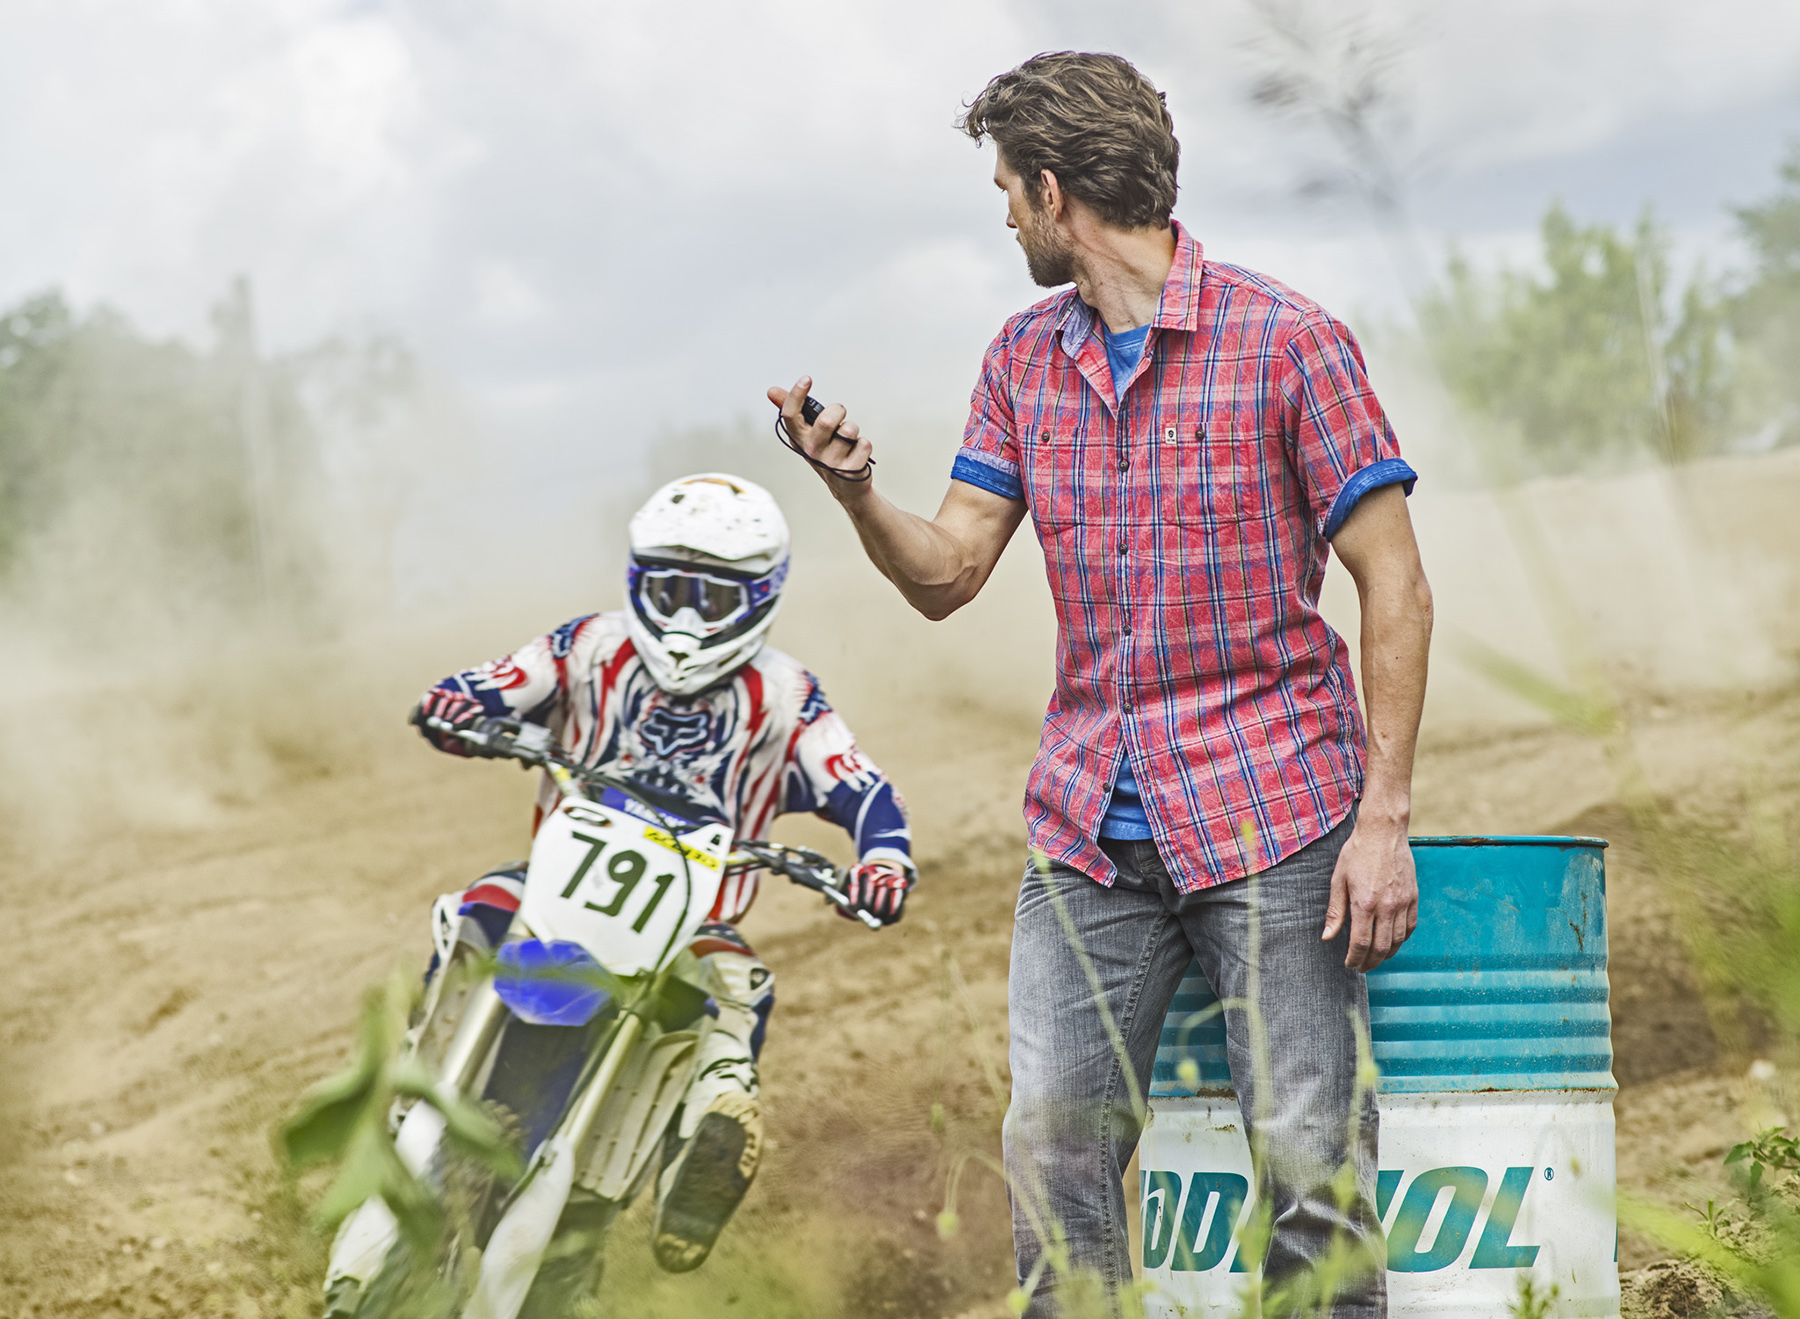 02.GinTonic-Motocross-Christoph-Gramann